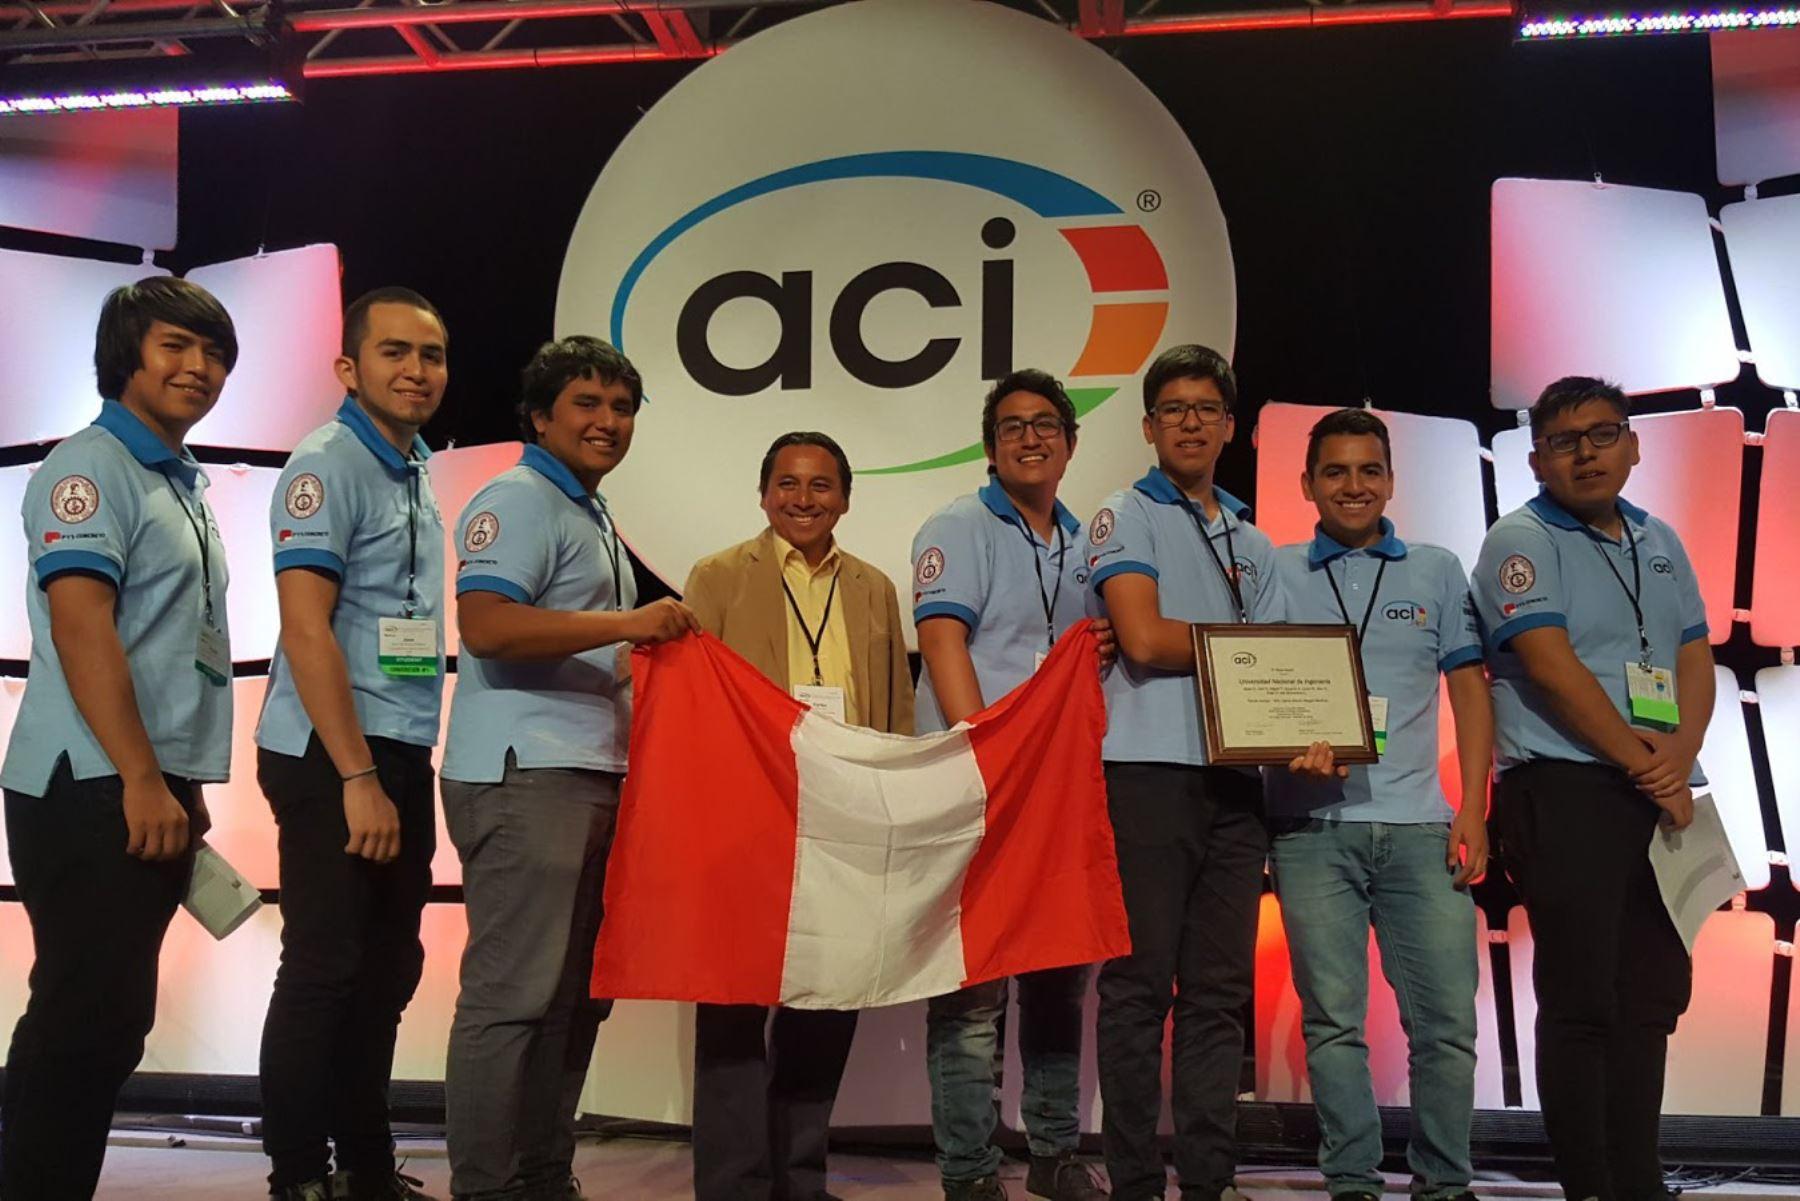 Equipo ganador de la UNI en Concurso Mundial del Concreto. Foto: UNI.